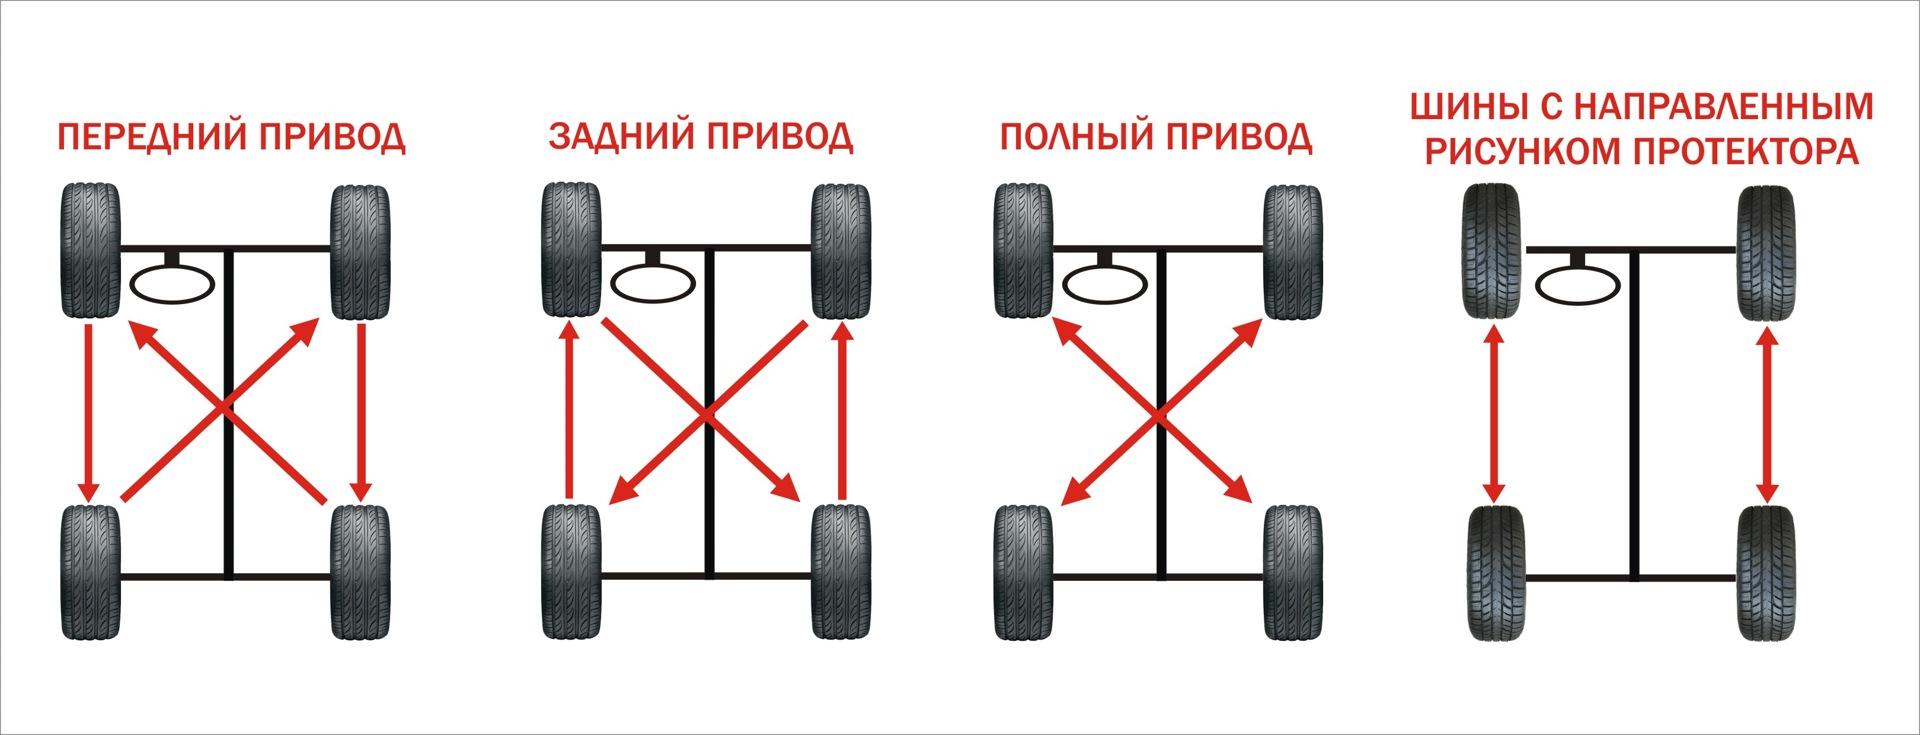 Как работает перестановка колес местами